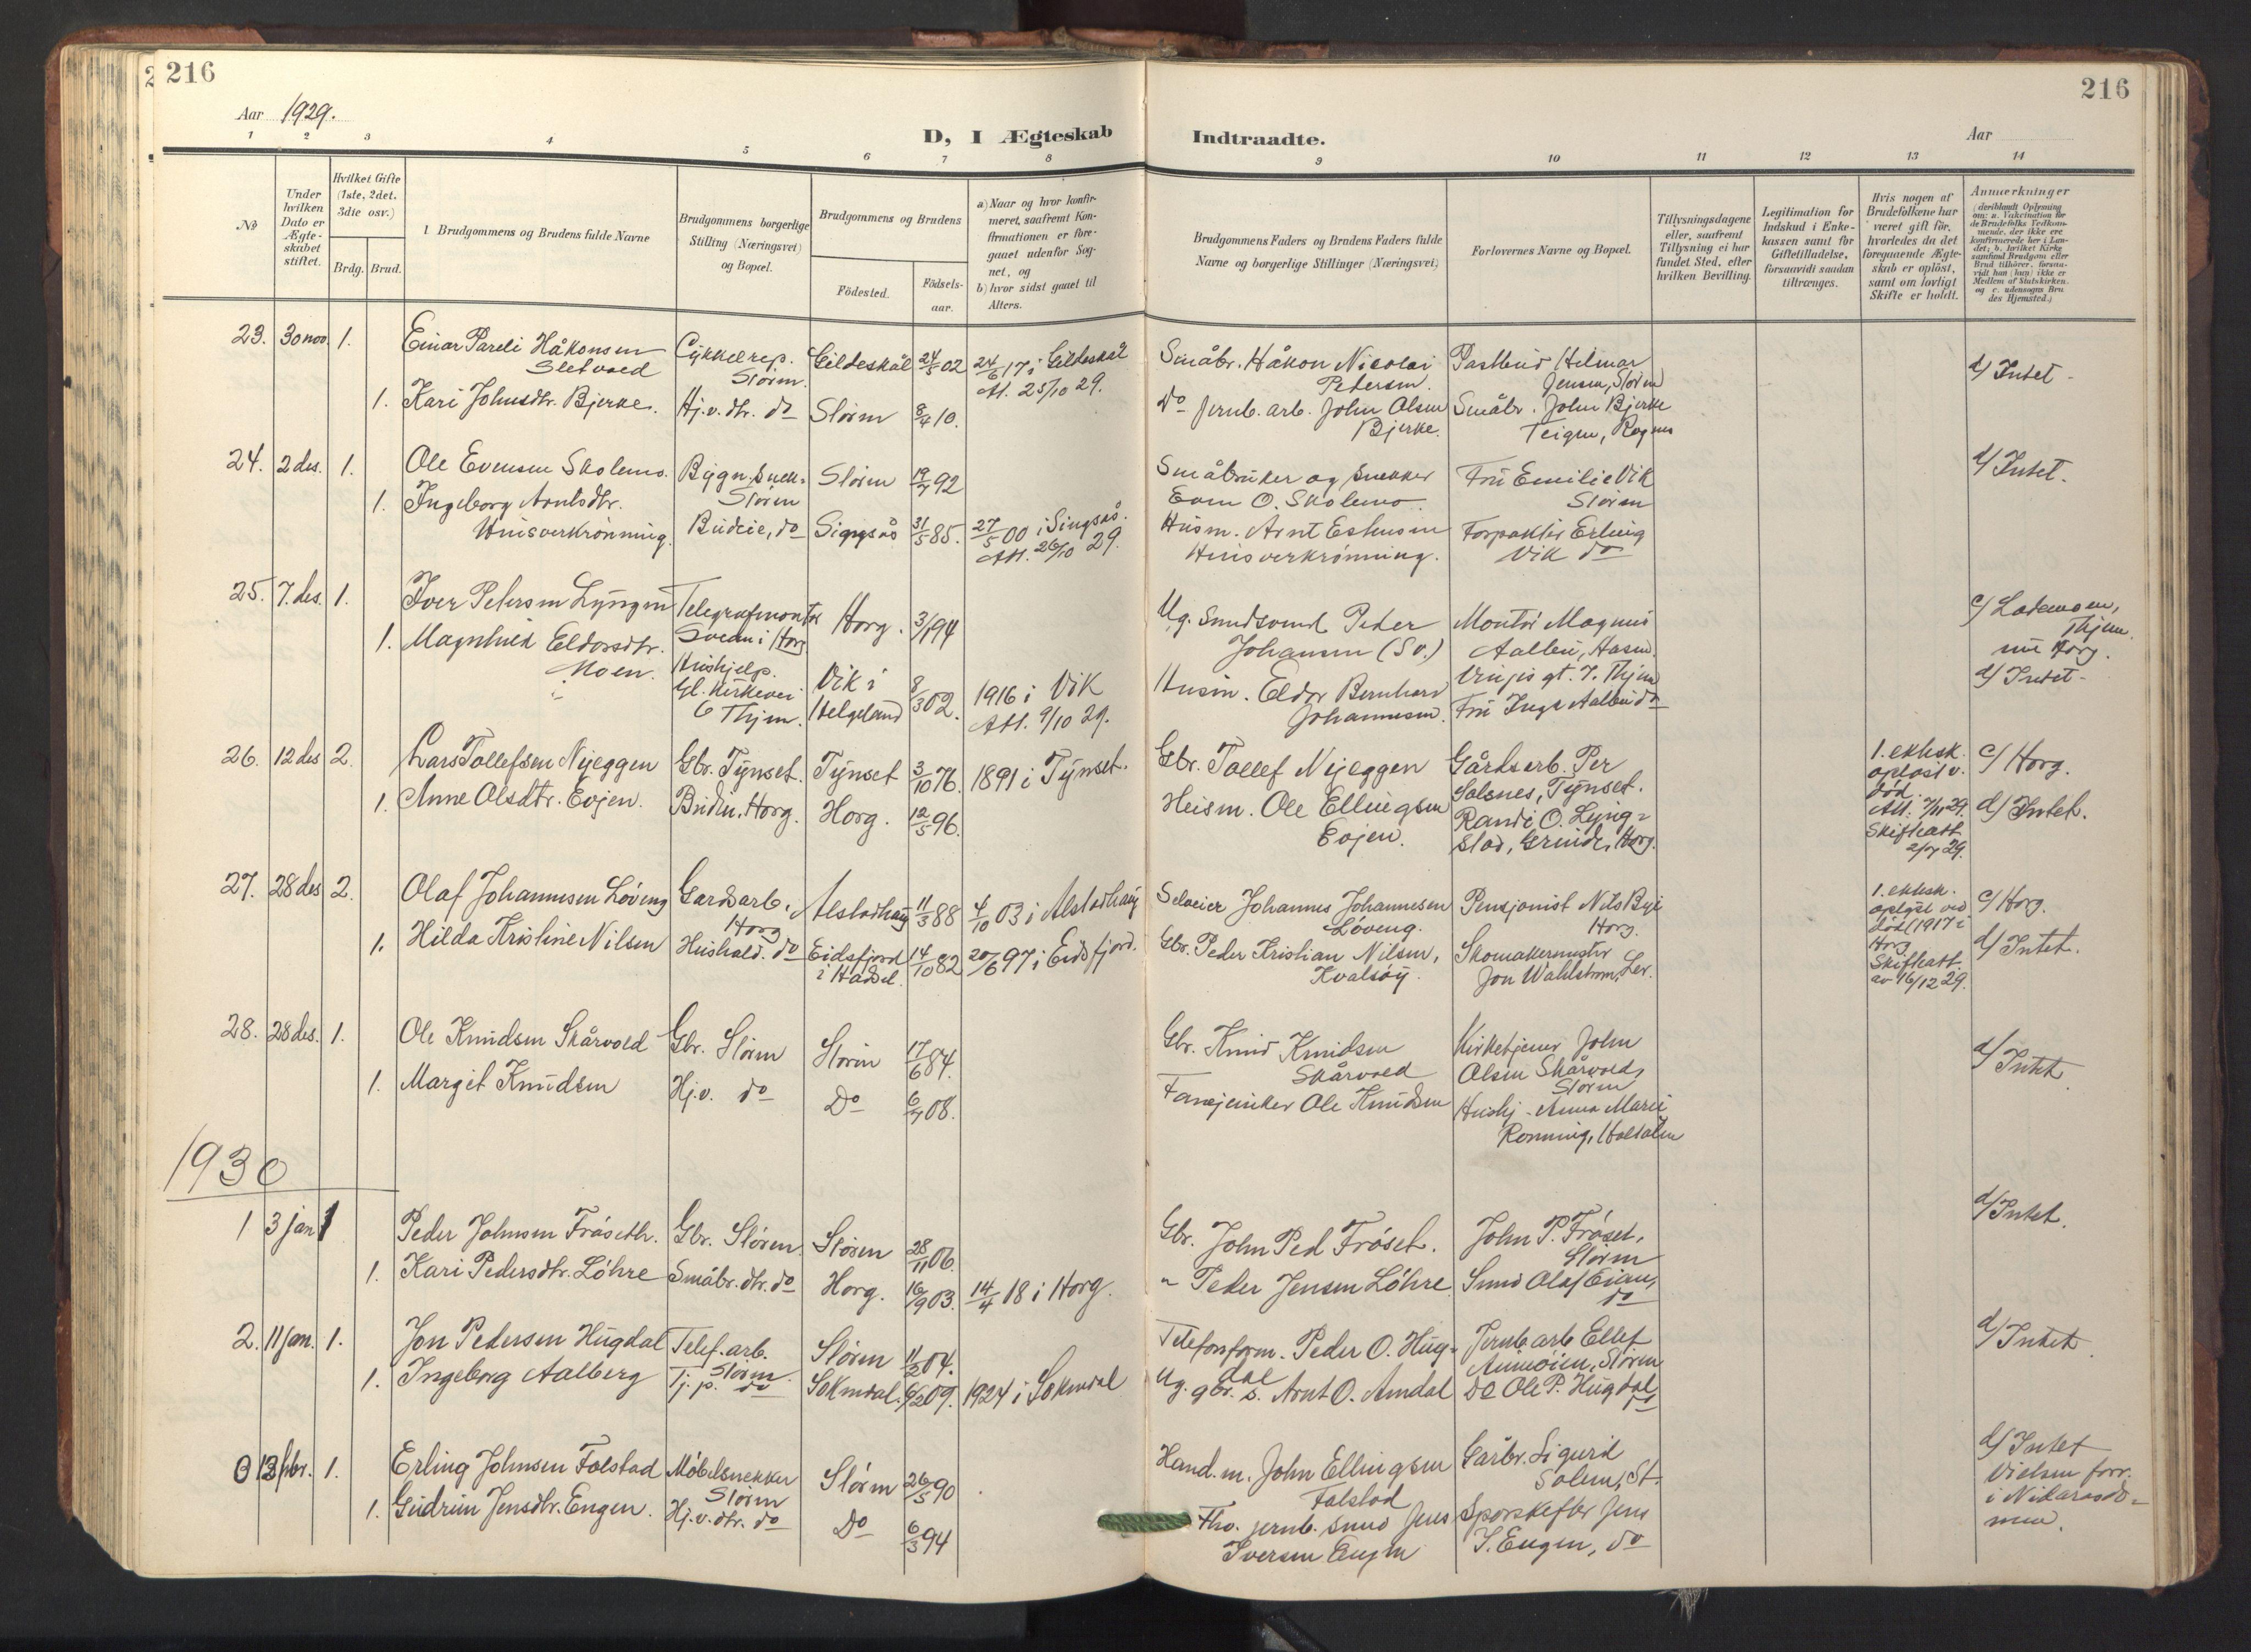 SAT, Ministerialprotokoller, klokkerbøker og fødselsregistre - Sør-Trøndelag, 687/L1019: Klokkerbok nr. 687C03, 1904-1931, s. 216